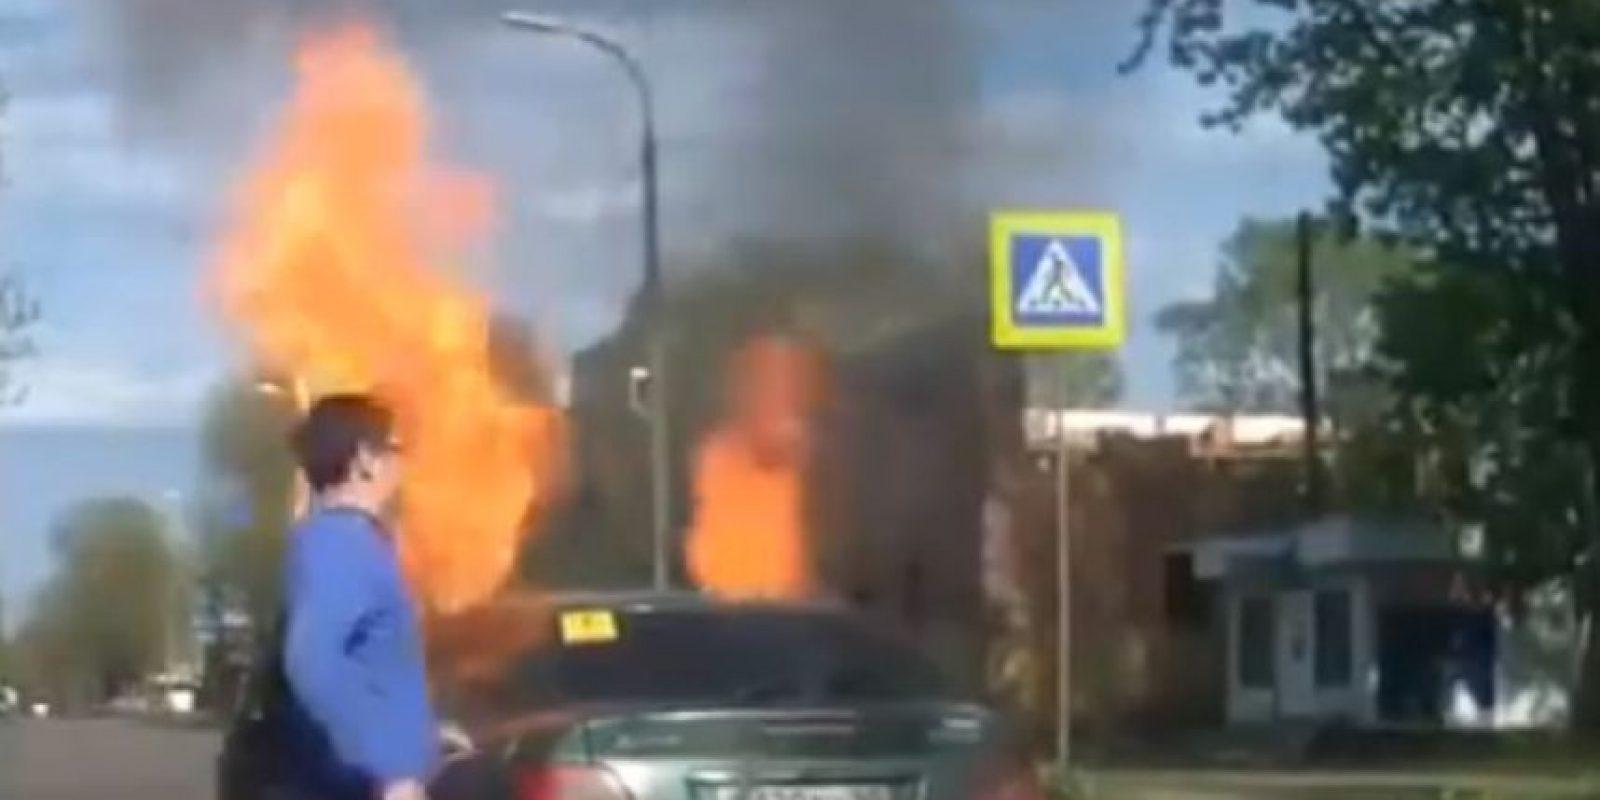 Un motor demasiado caliente puede ser fuente de que un auto se incendie, aunque para que el fuego se forme se necesita que el motor entre en contacto con algún líquido como el combustible, aceite o refrigerante. Foto:Vía Youtube / British Pathé